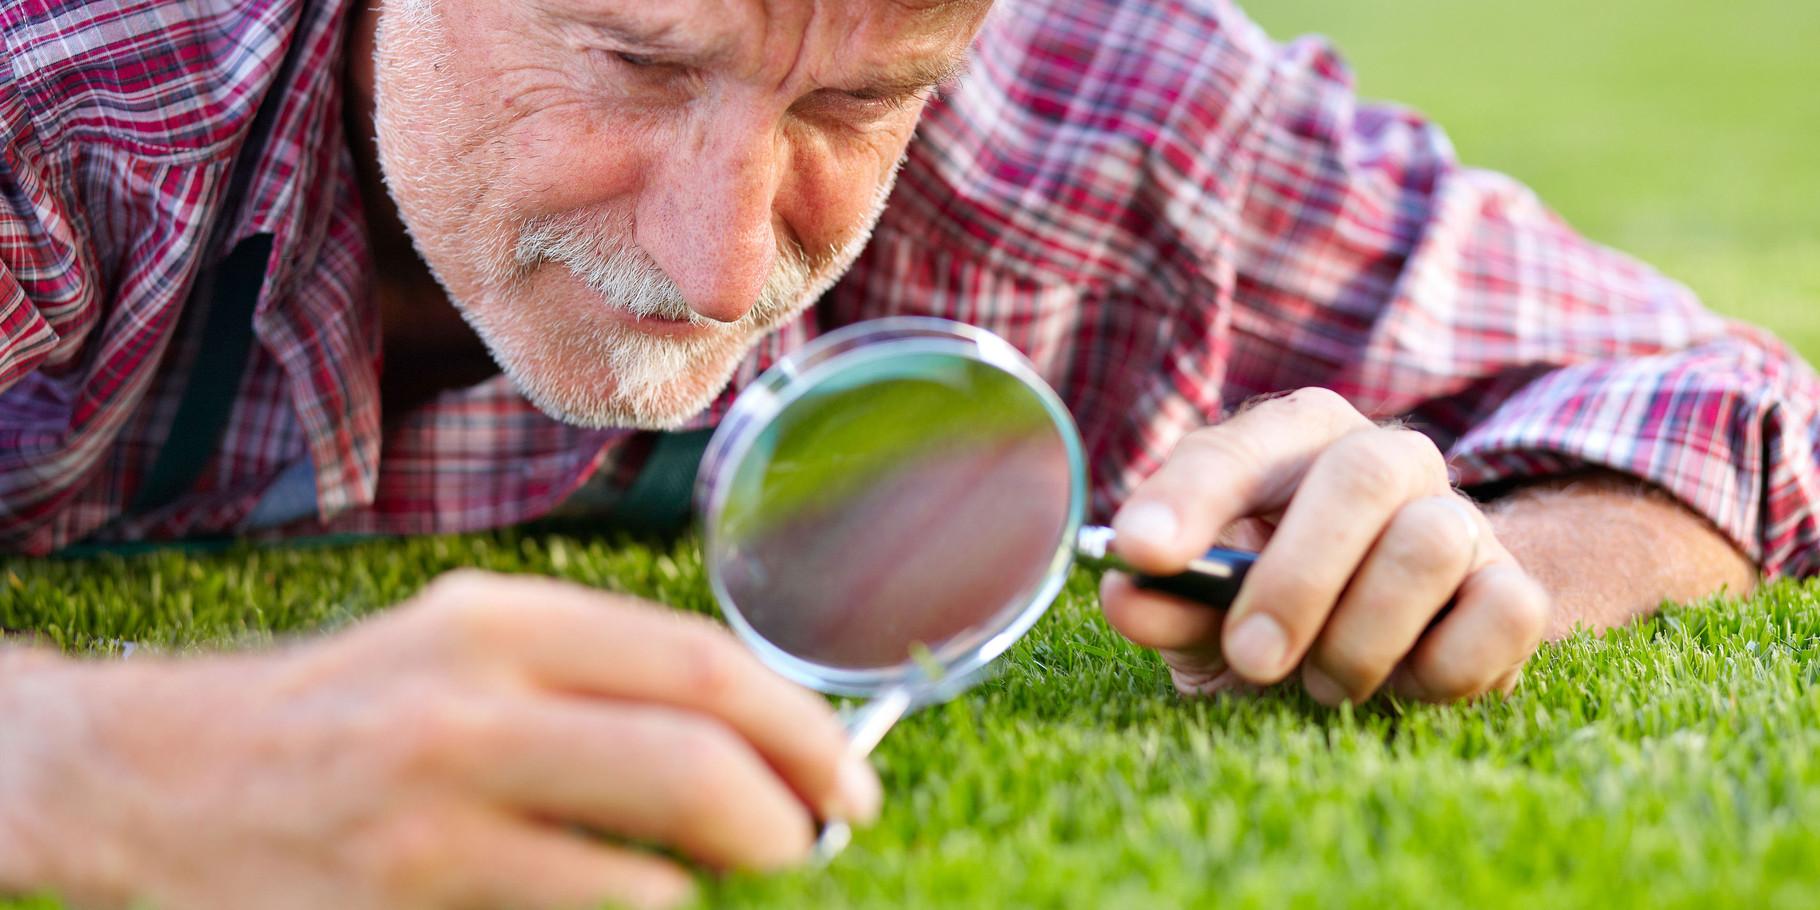 Untersuchen, bestimmen, beraten von Saatgutmischung abgestimmt auf Ihre Bedürfnisse